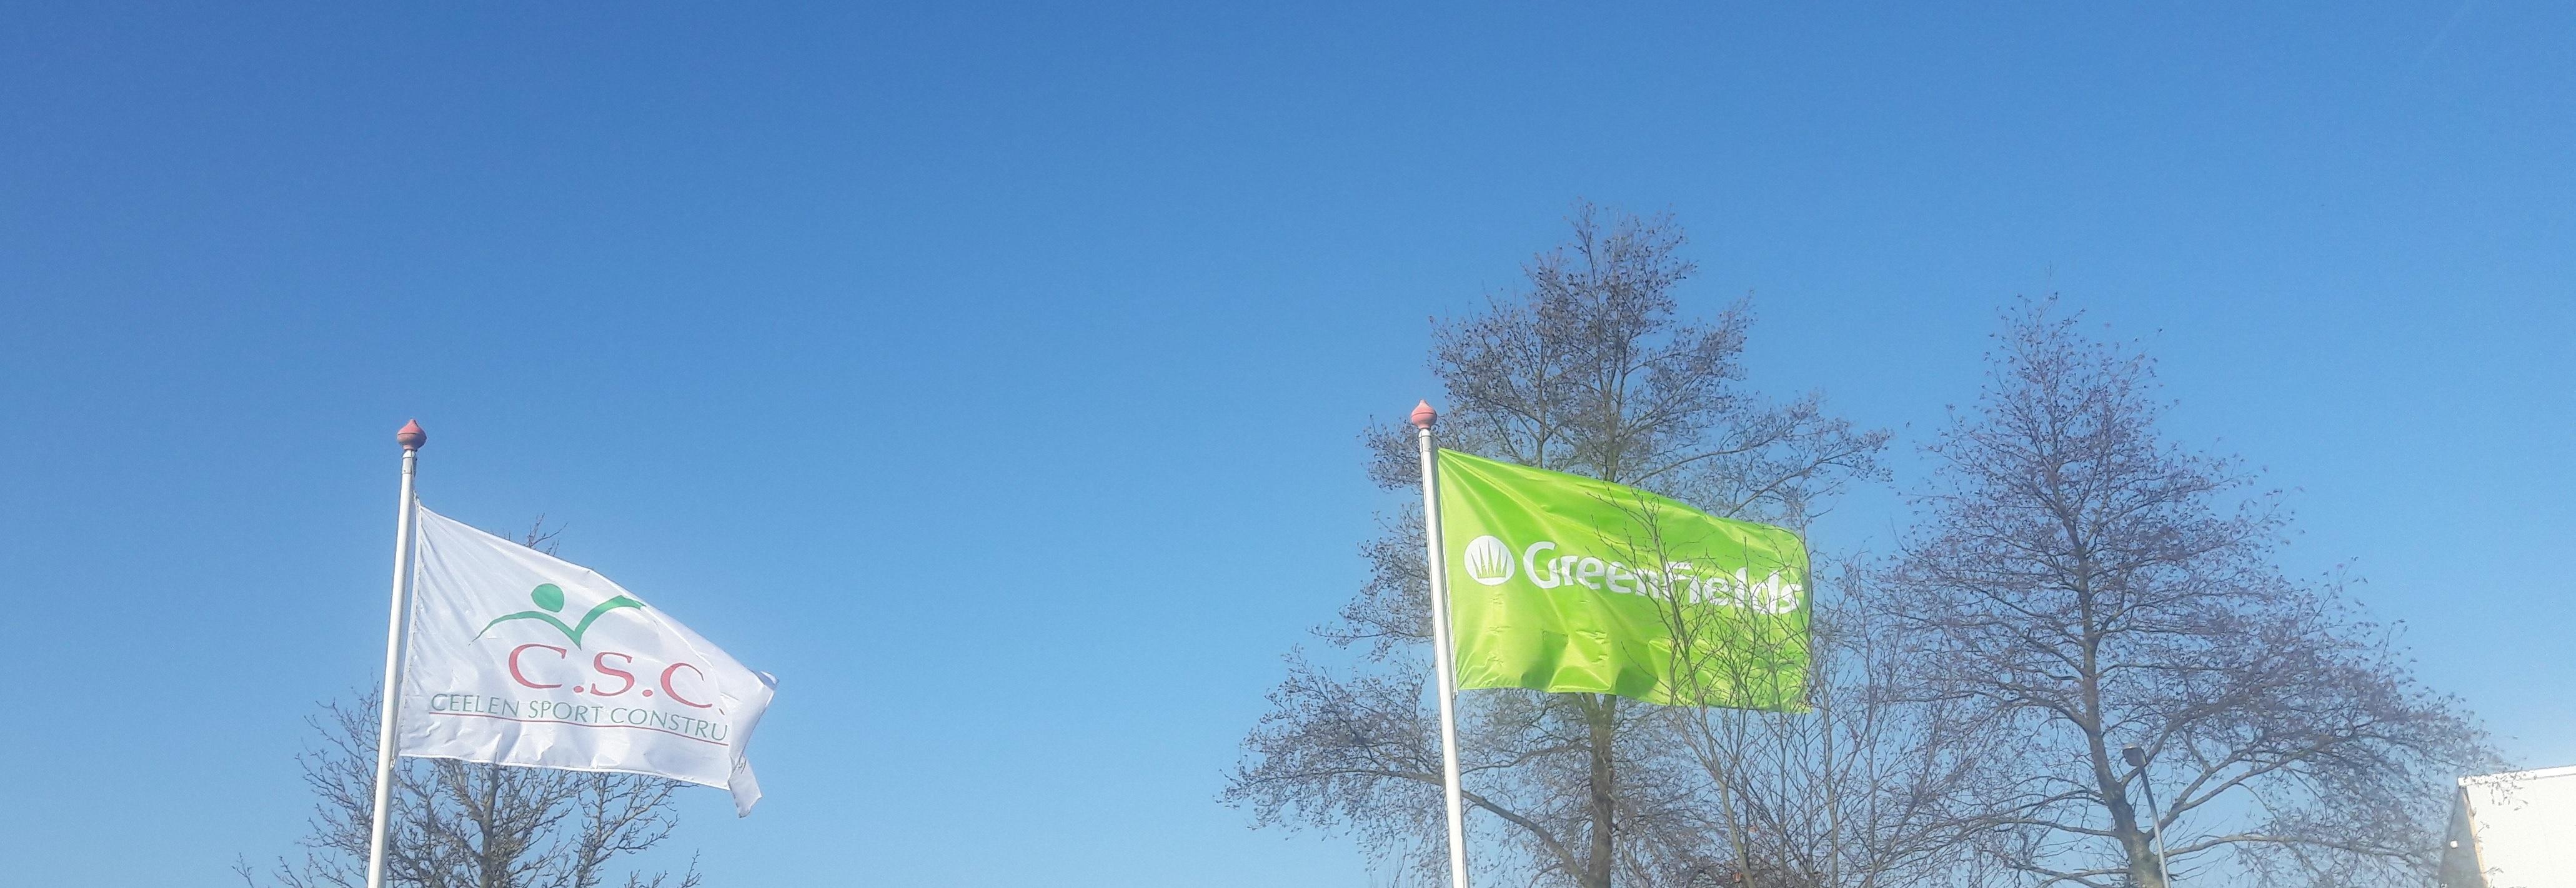 TenCate Grass verwerft CSC Sport